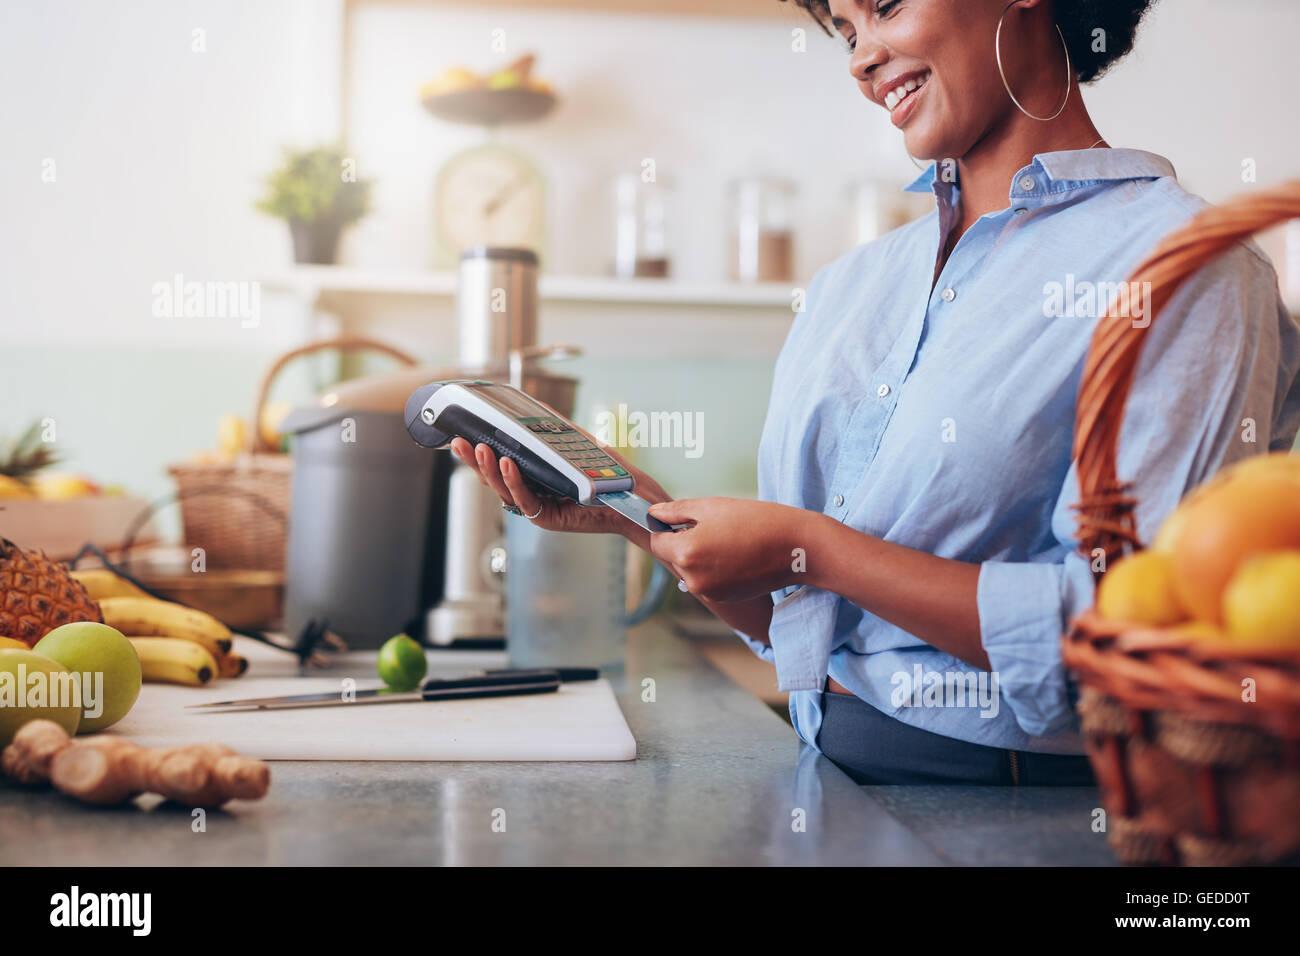 Employée dans un bar à jus de glisser une carte de crédit dans un lecteur de carte de la machine. Photo Stock